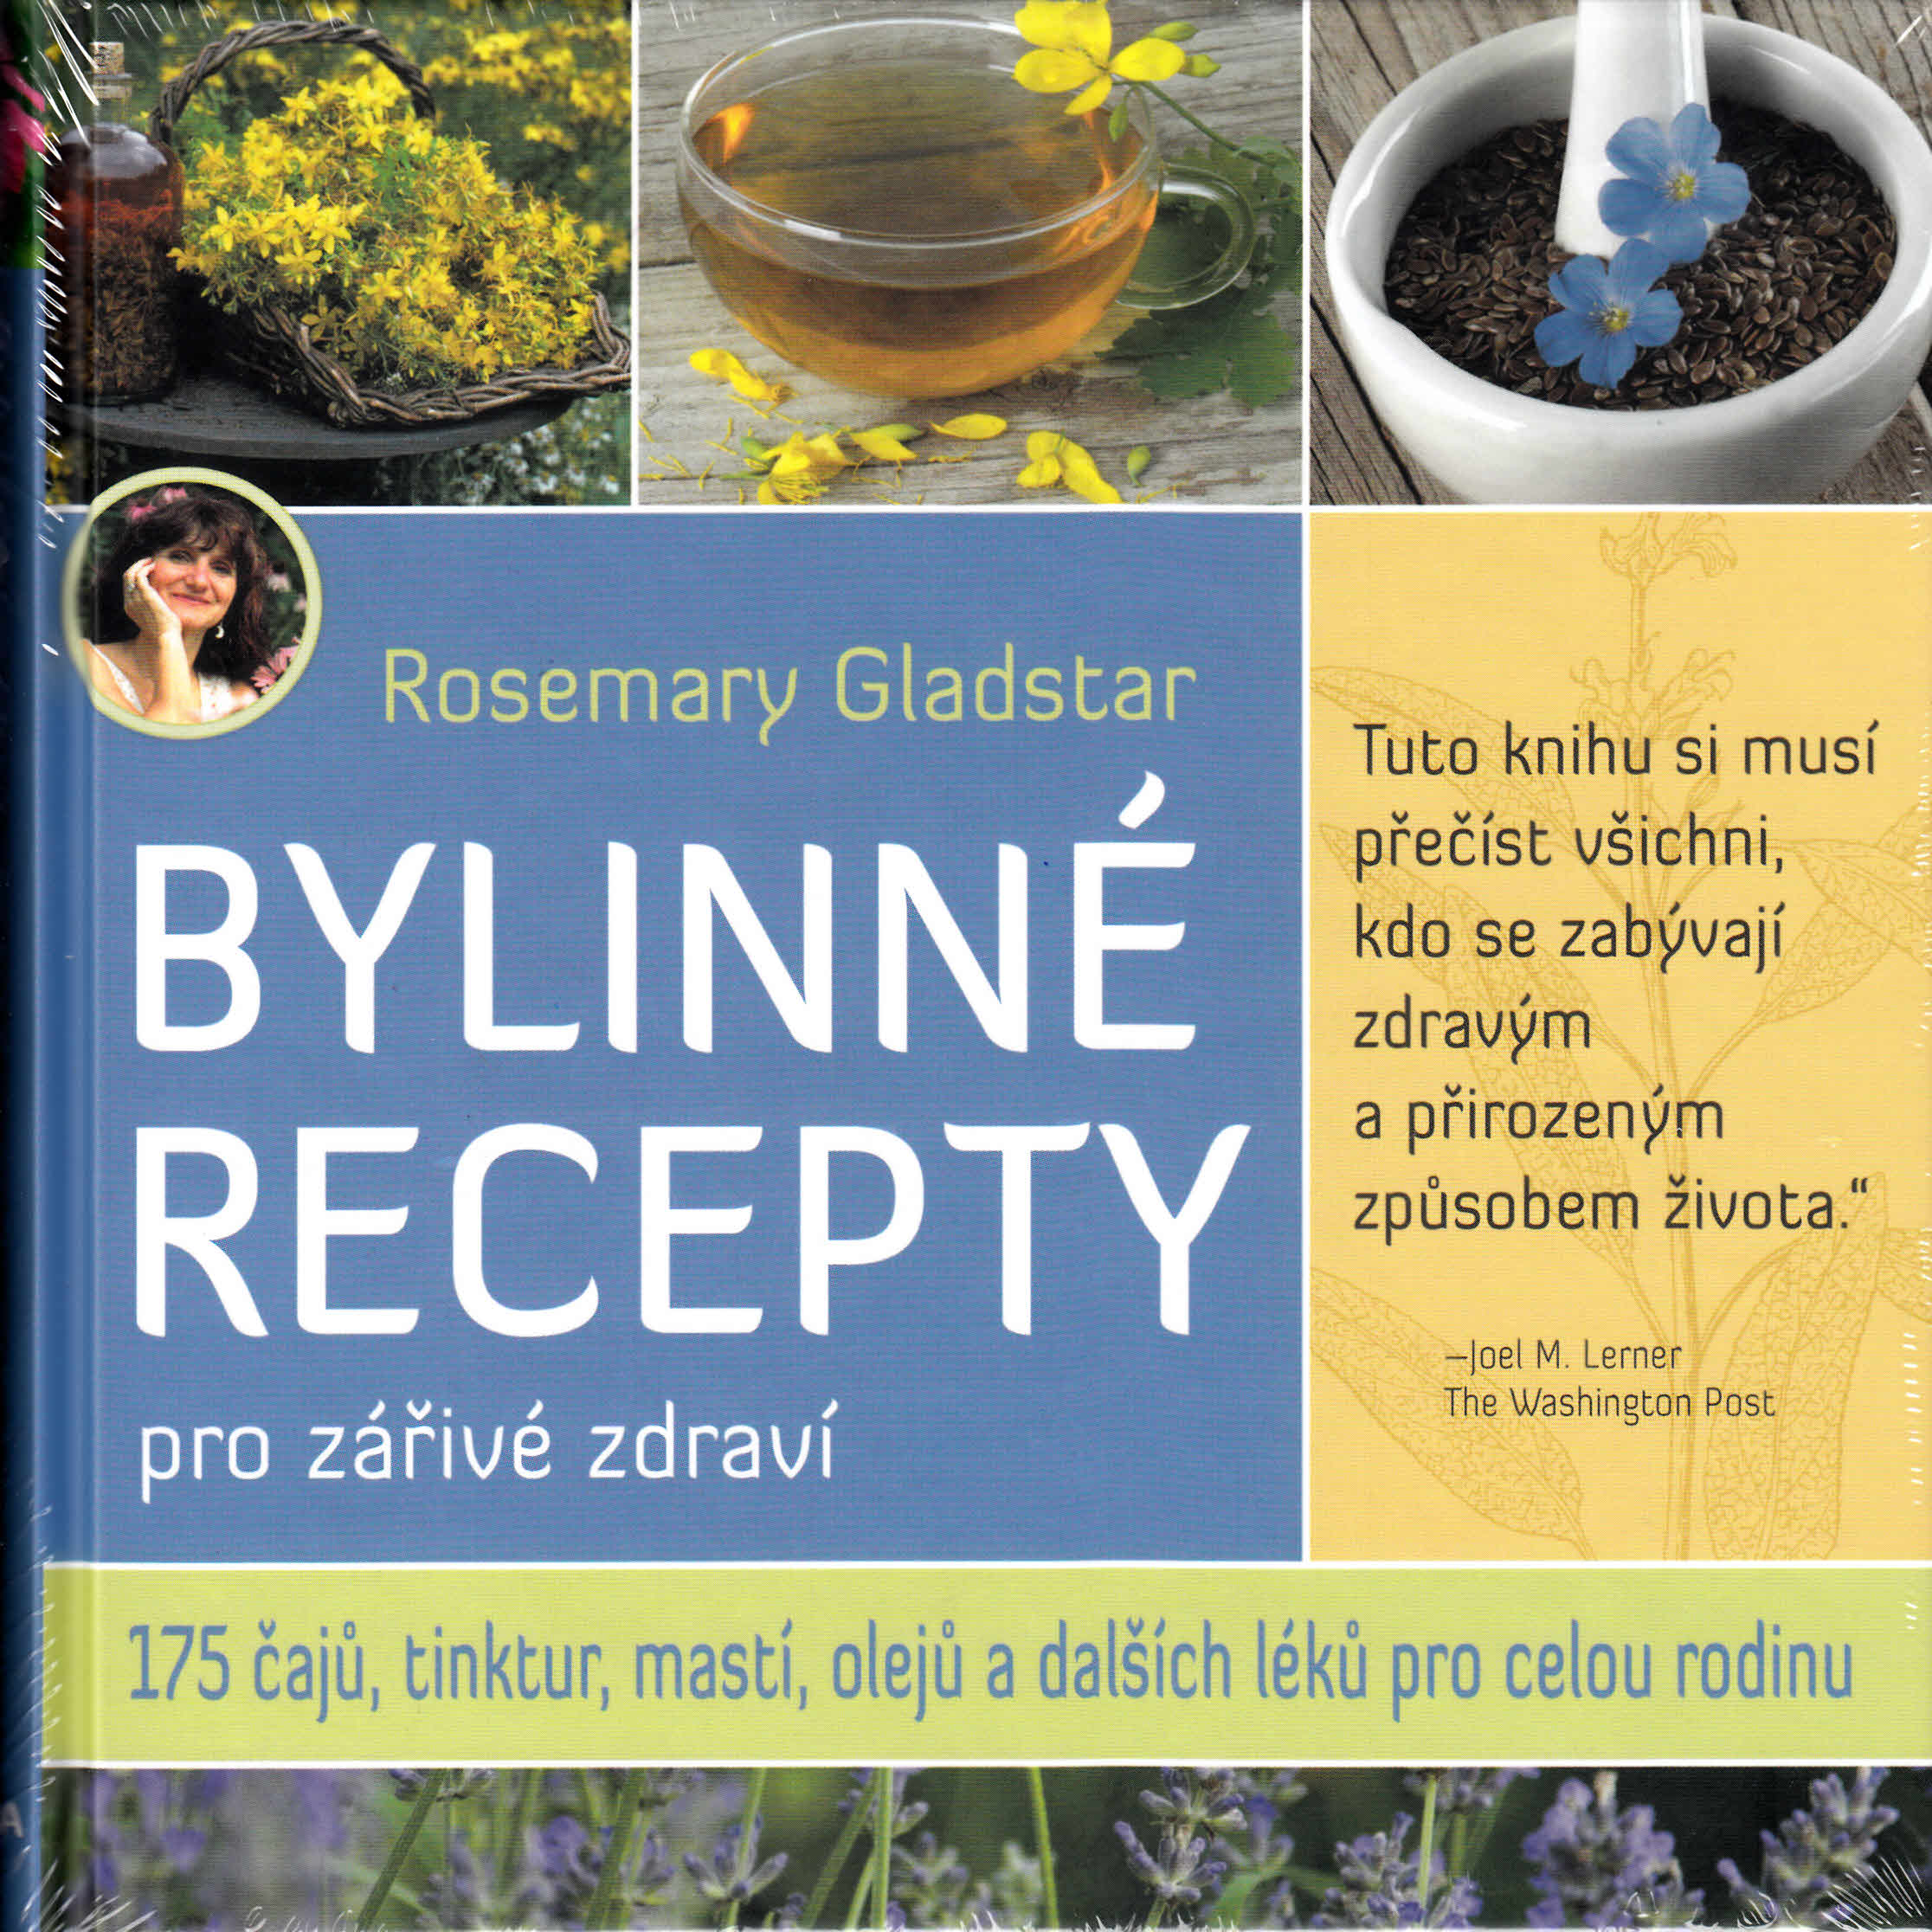 Bylinné recepty pro zářivé zdraví - 175 čajů, tinktur, mastí, olejů a dalších léků pro celou rodinu